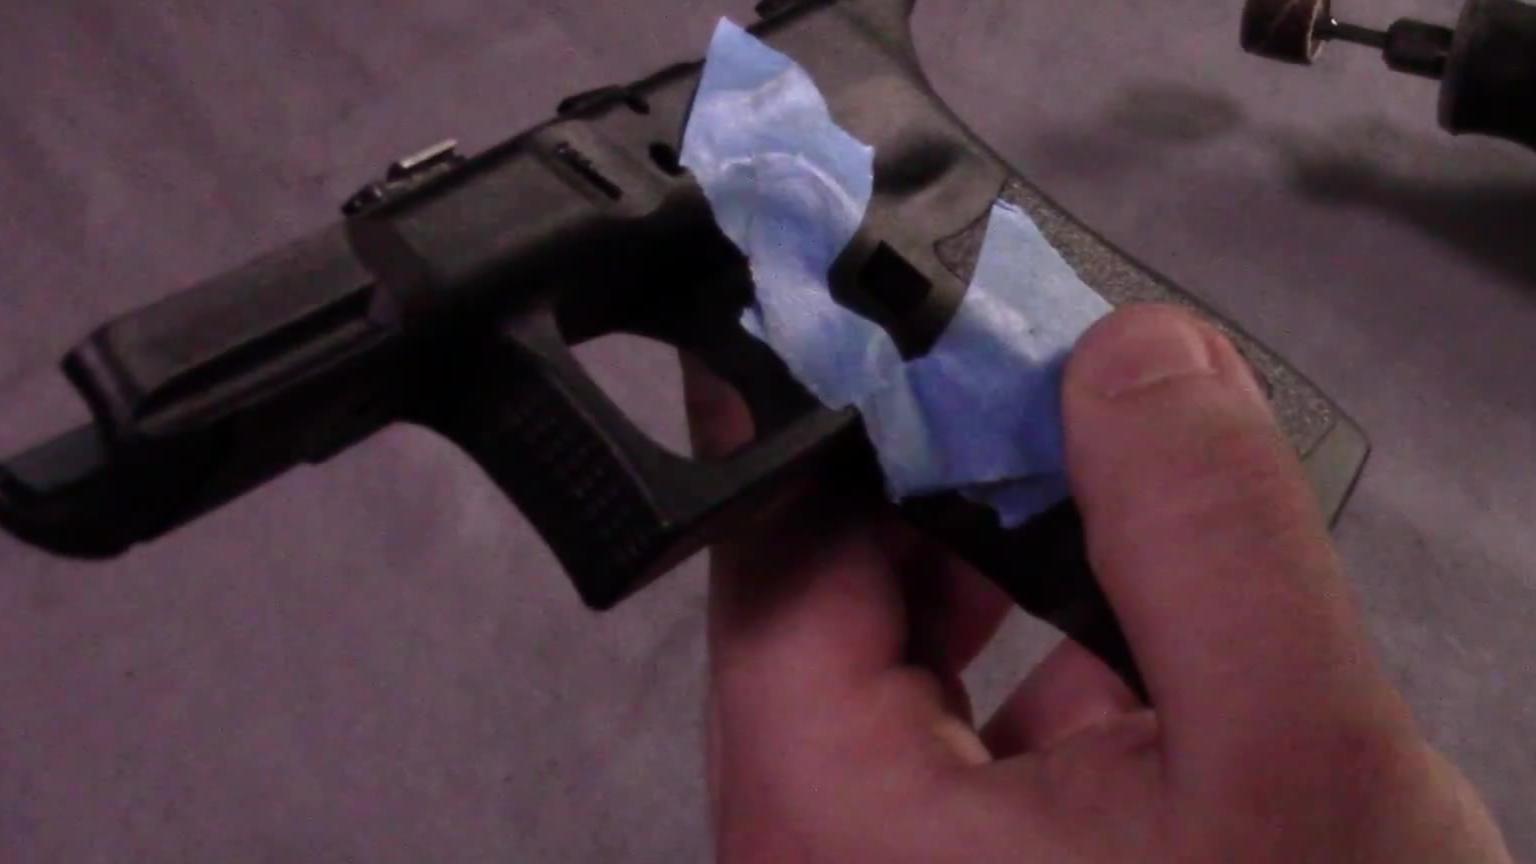 油管搬运|Glock Mod Series 格洛克烧烫握把(一定要看!多P最全的操作流程)